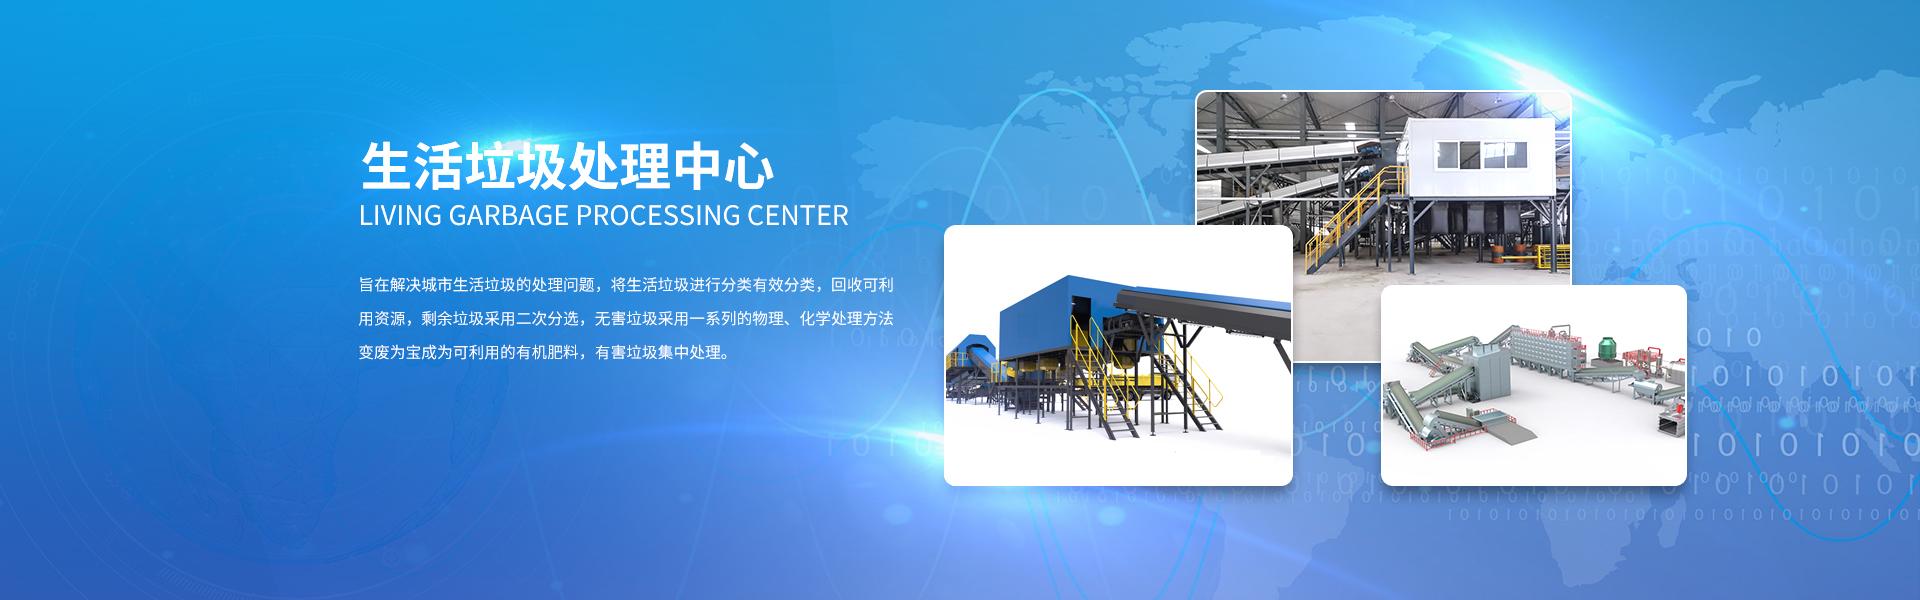 智能装备,非标自动化设备,生活垃圾处理中心